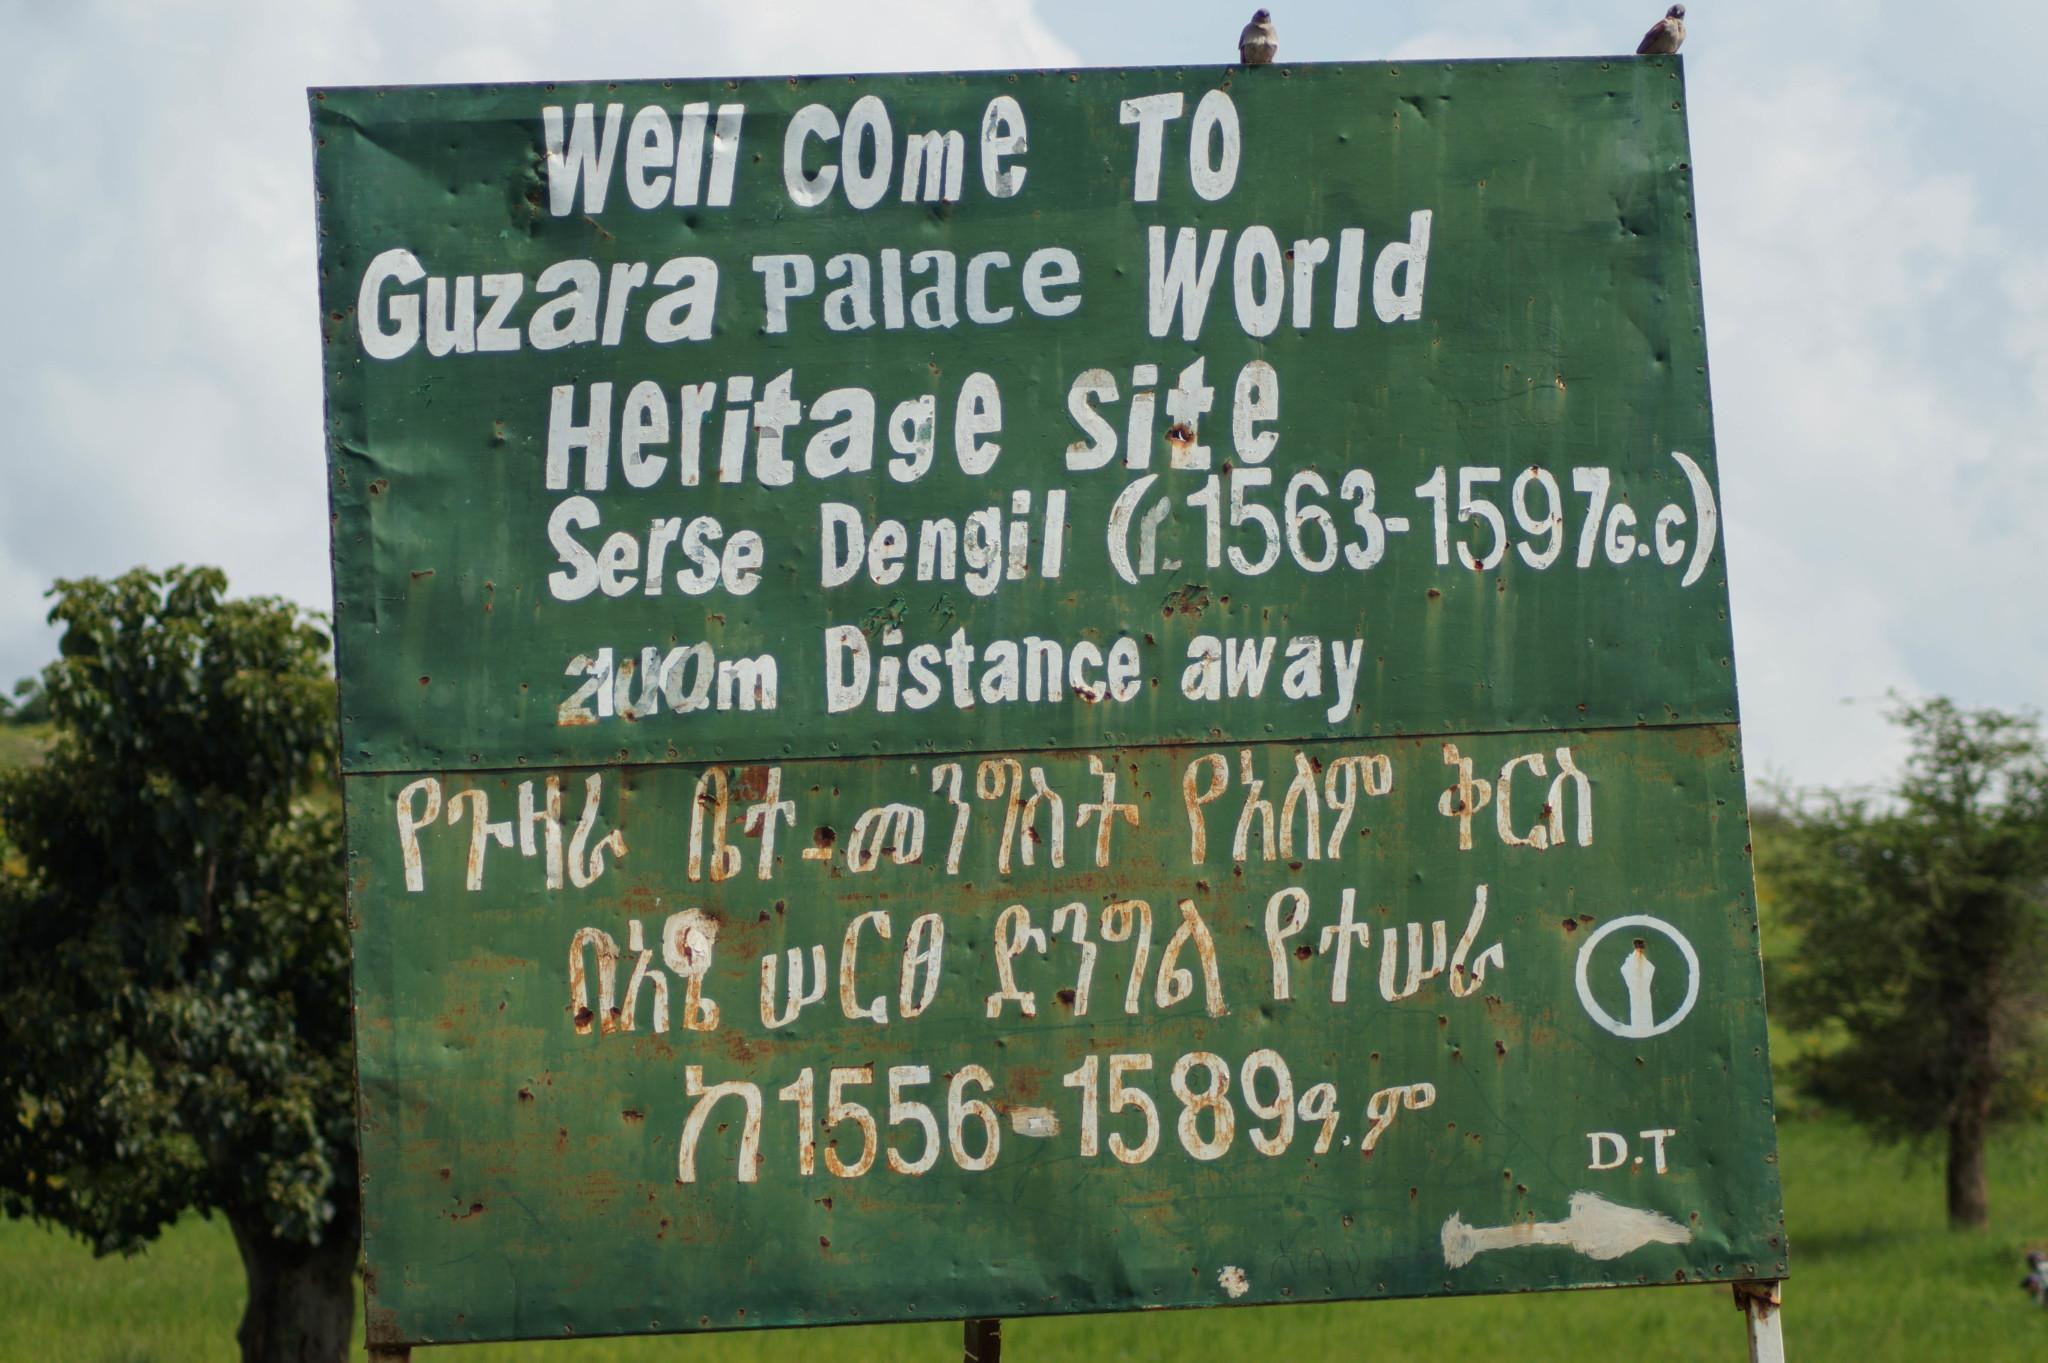 Die Buchstaben der Sprache in Äthiopien unterscheiden sich von unseren